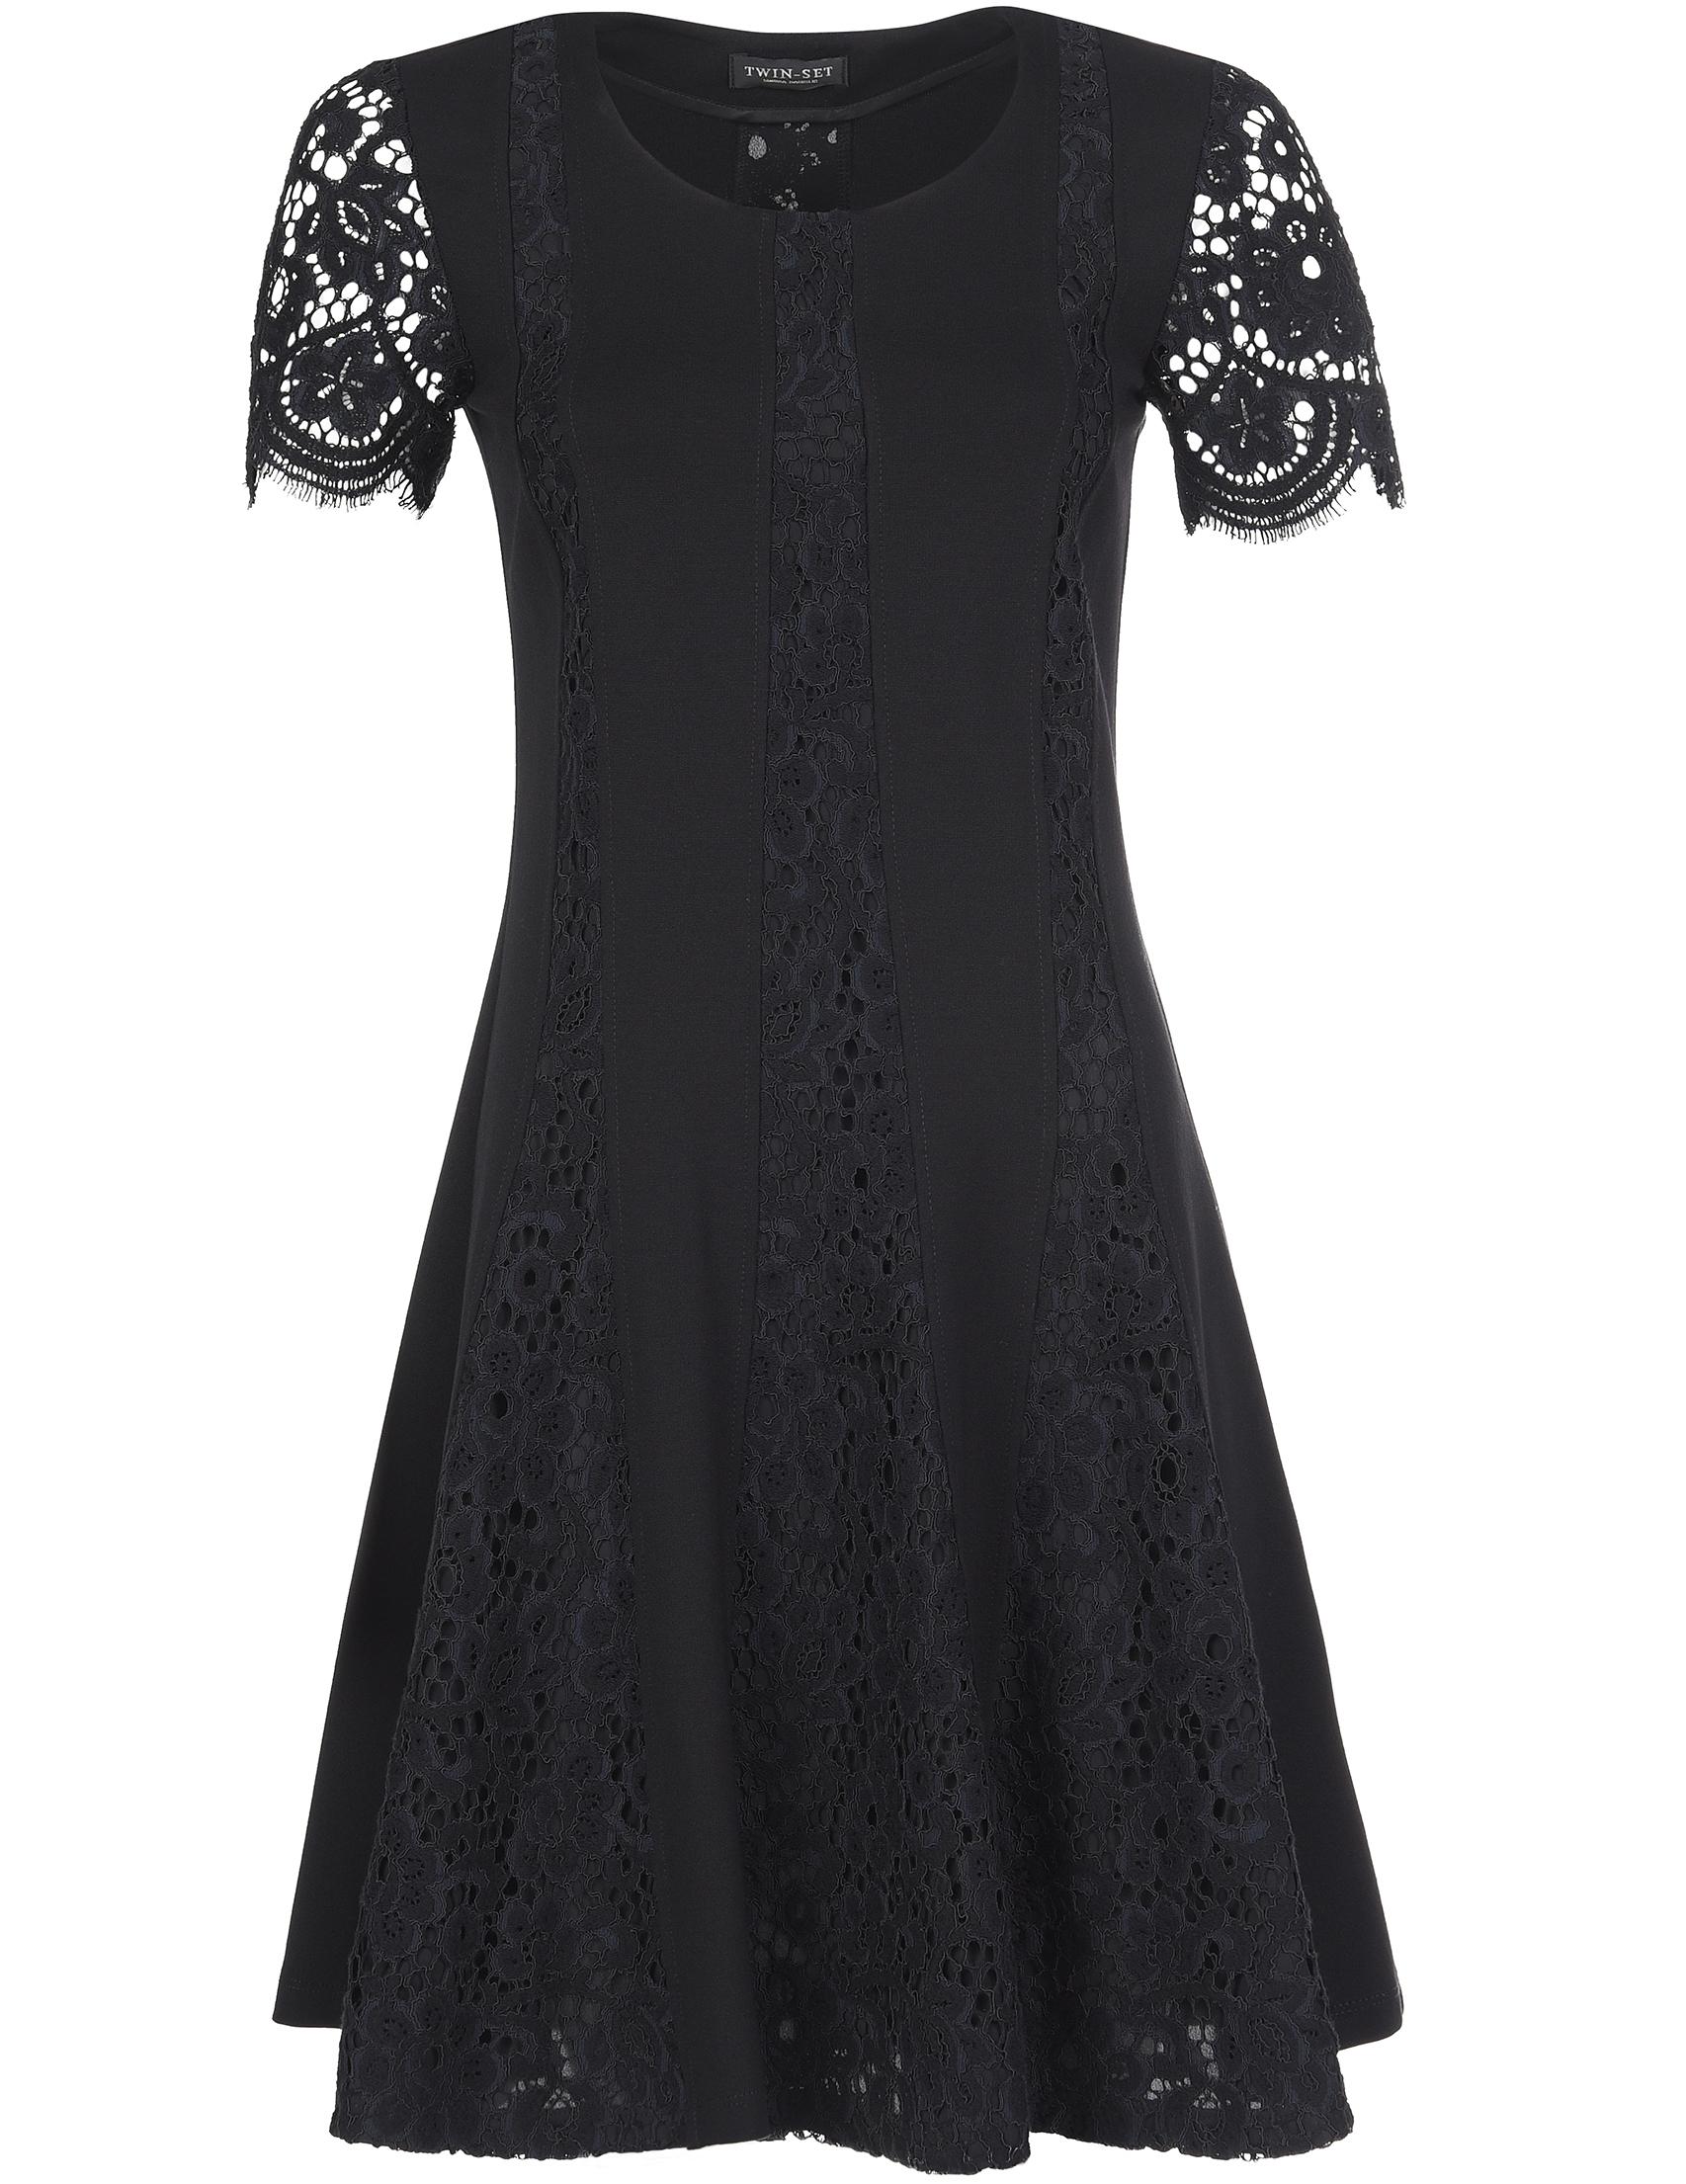 Купить Платье, TWIN-SET, Черный, 62%Вискоза 31%Полиамид 7%Эластан;56%Хлопок 30%Полиамид 14%Вискоза, Осень-Зима